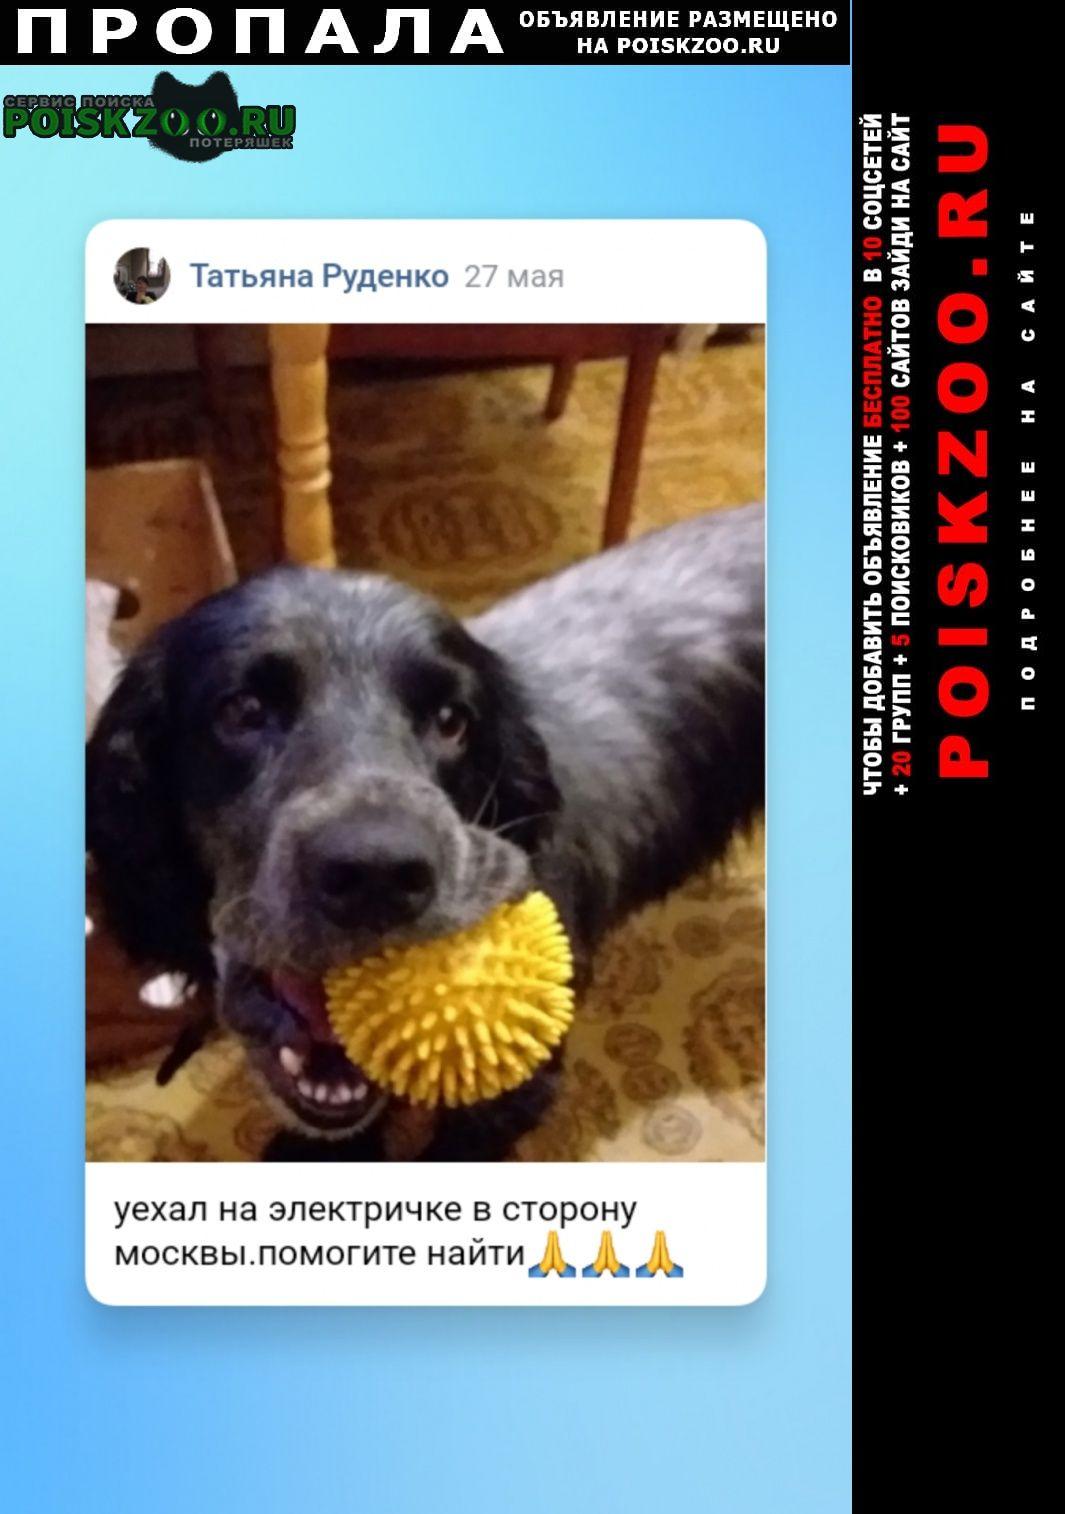 Пропала собака кобель уехал 27 мая на электричке в сторону мос Москва